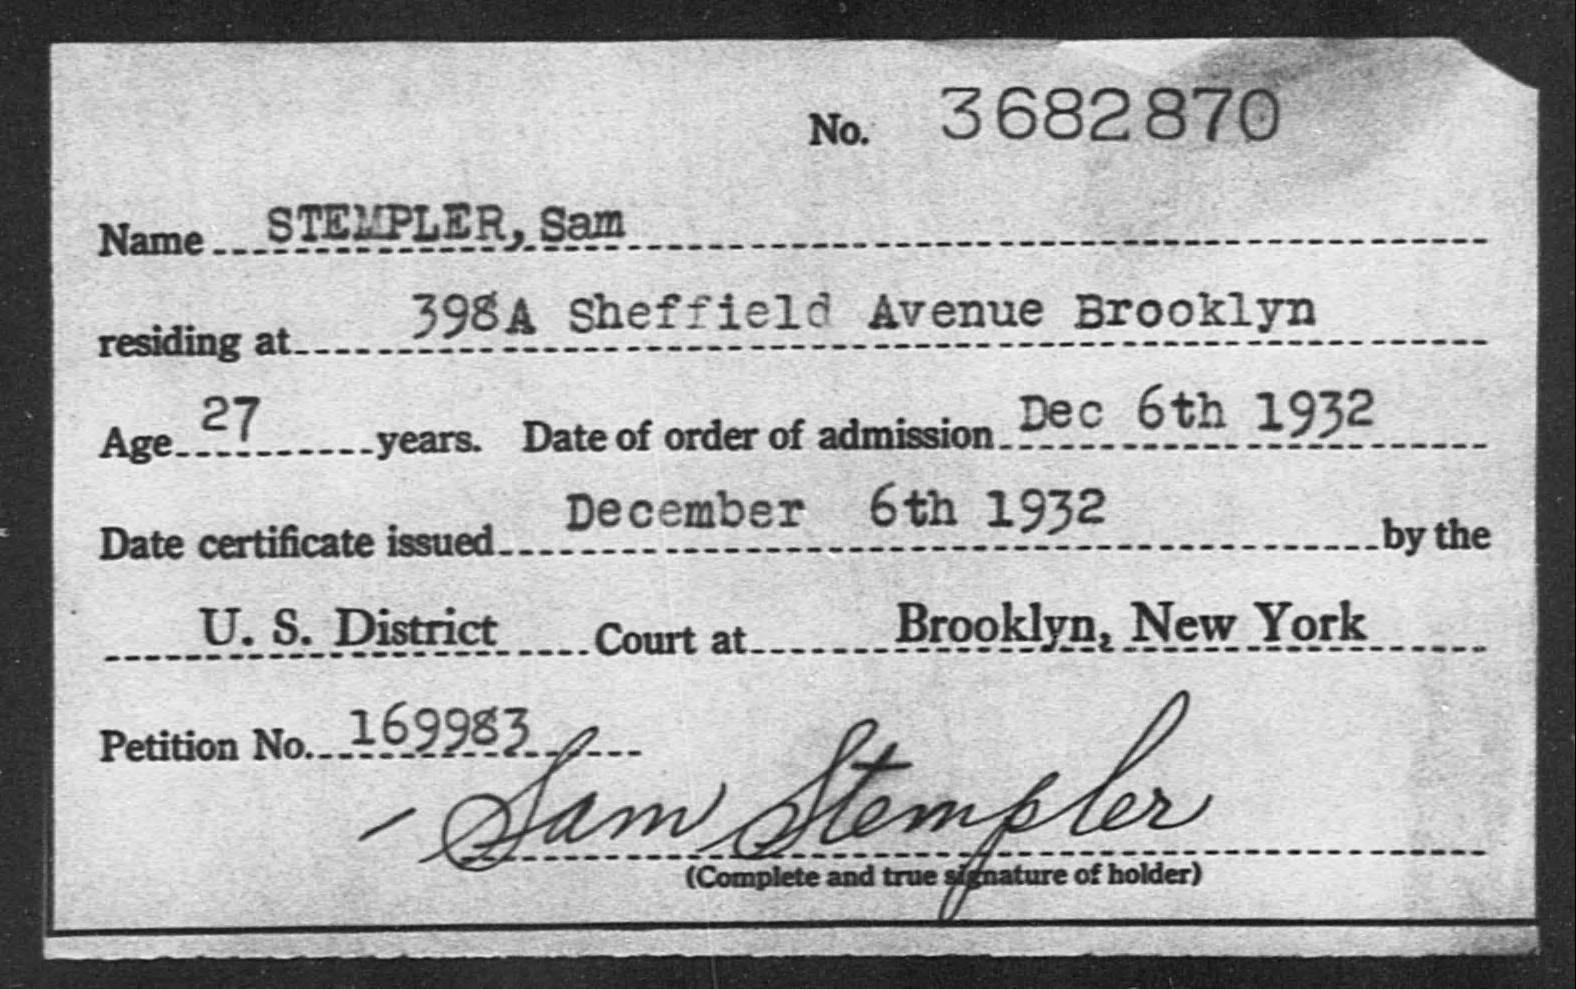 STEMPLER, Sam - Born: [BLANK], Naturalized: 1932